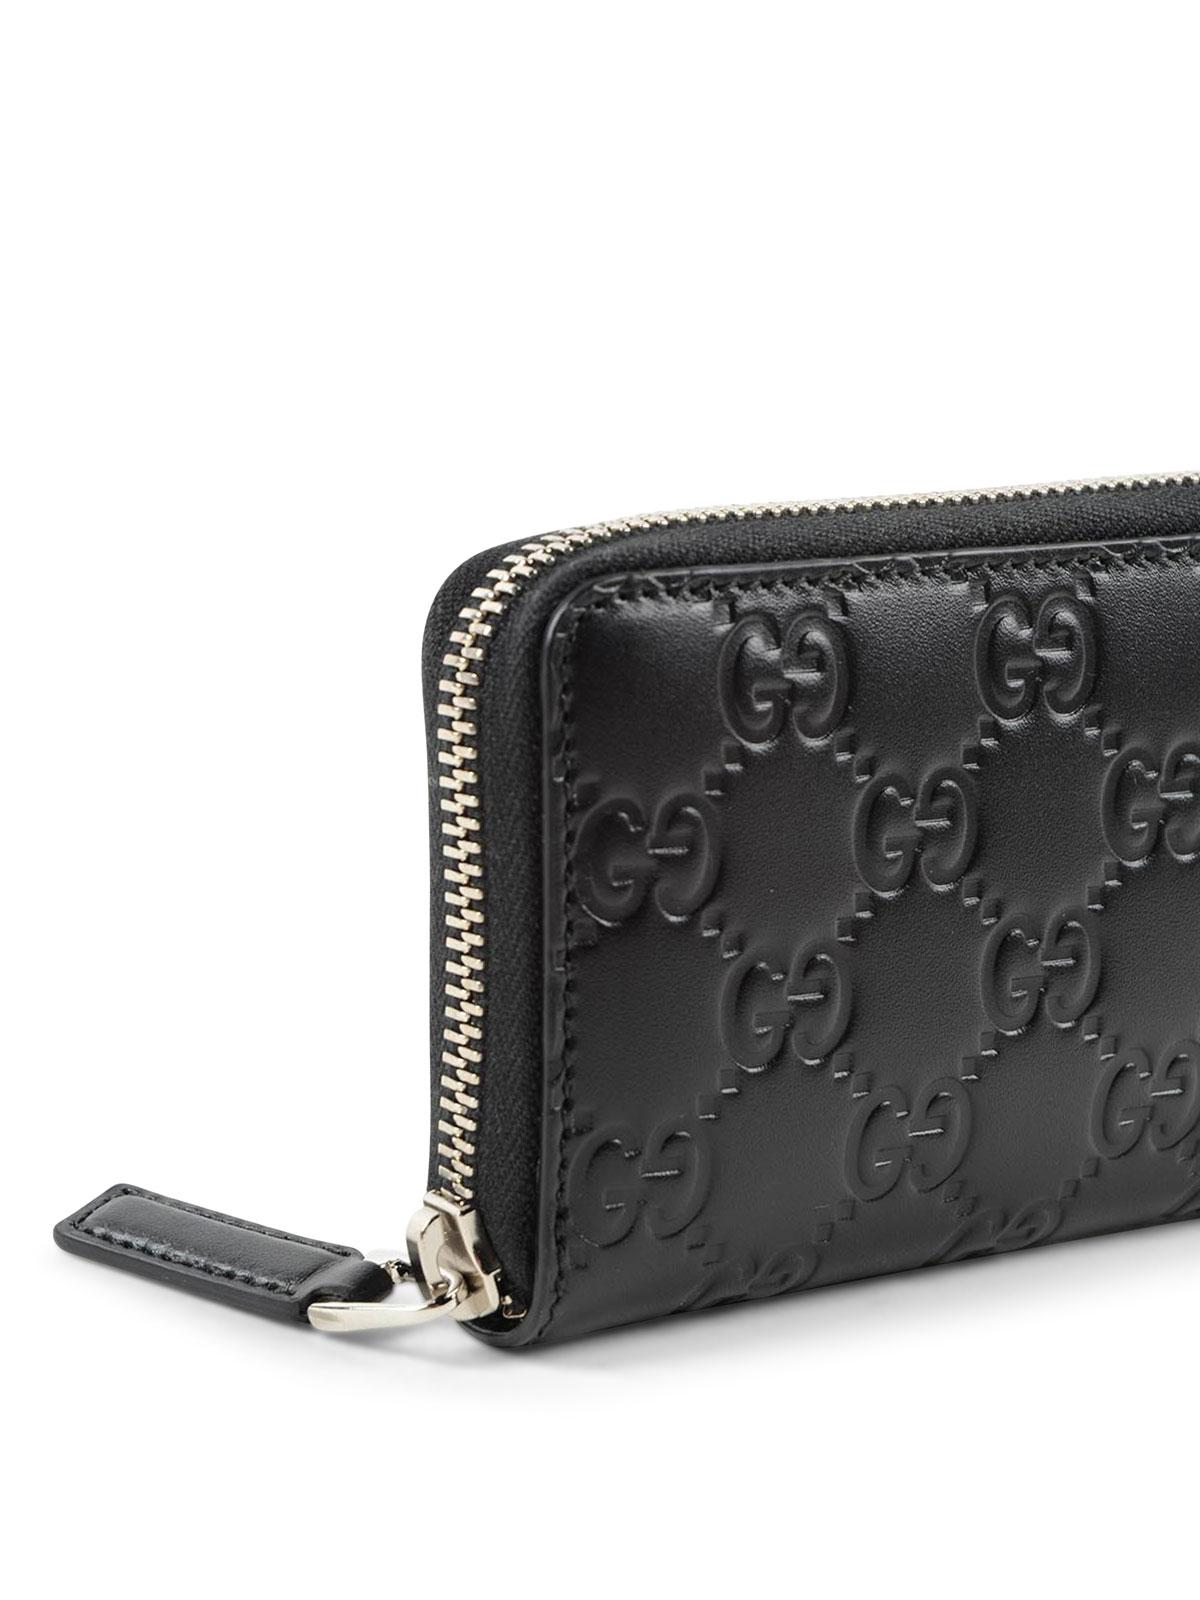 a519440b701db Gucci - Portemonnaie Fur Damen - Schwarz - Portemonnaies und ...